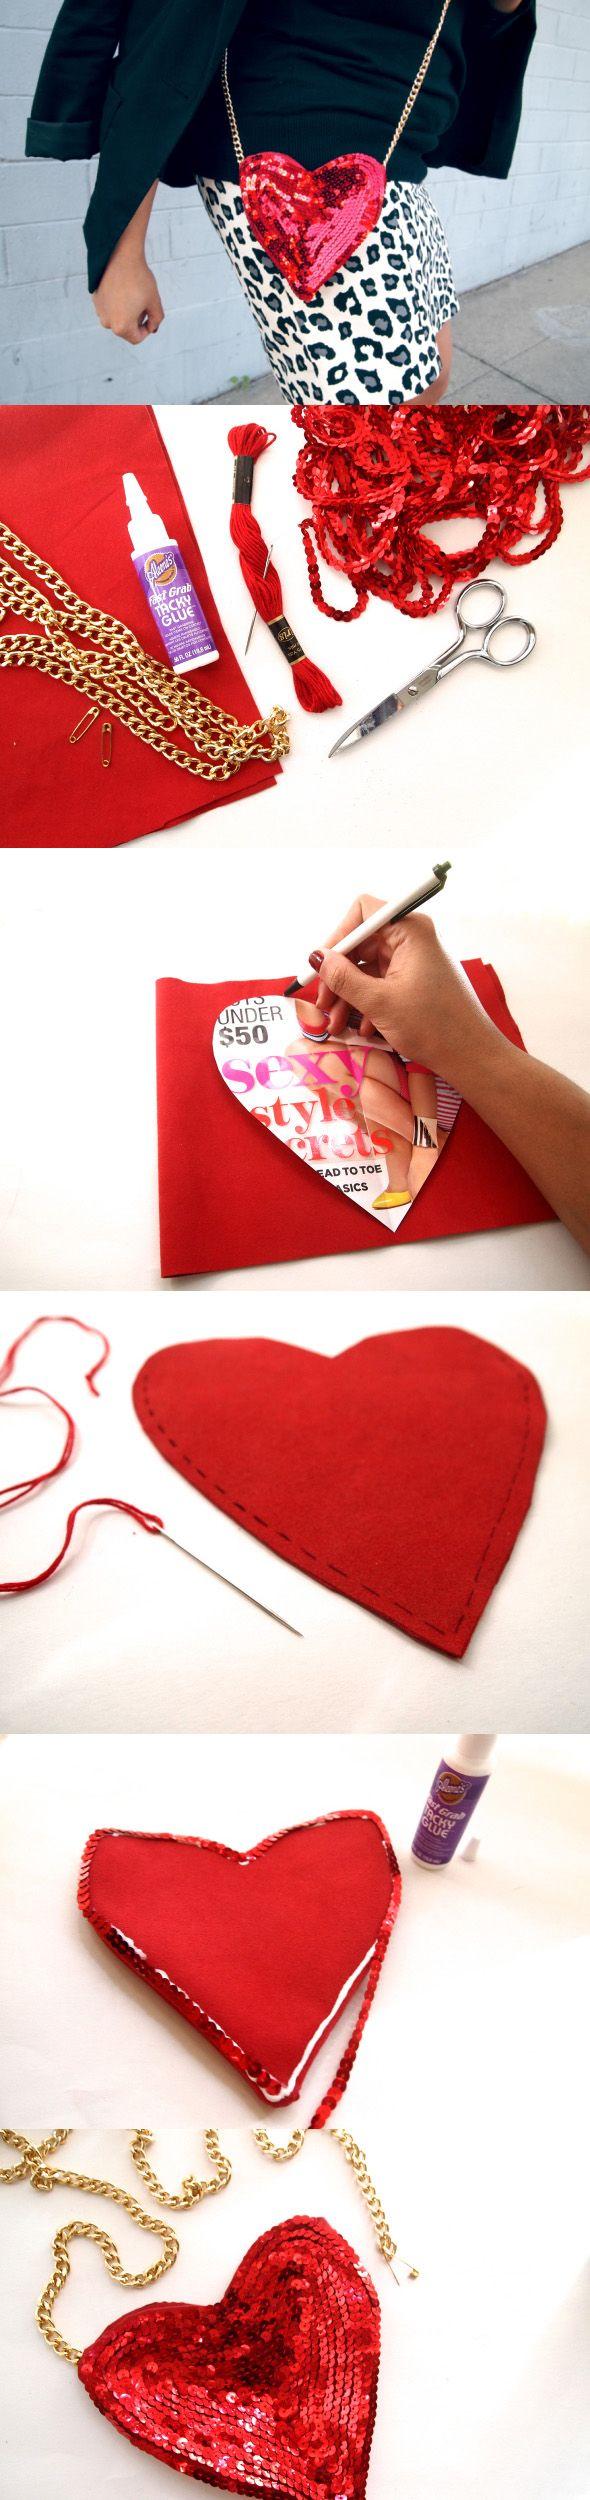 bolsa corazon